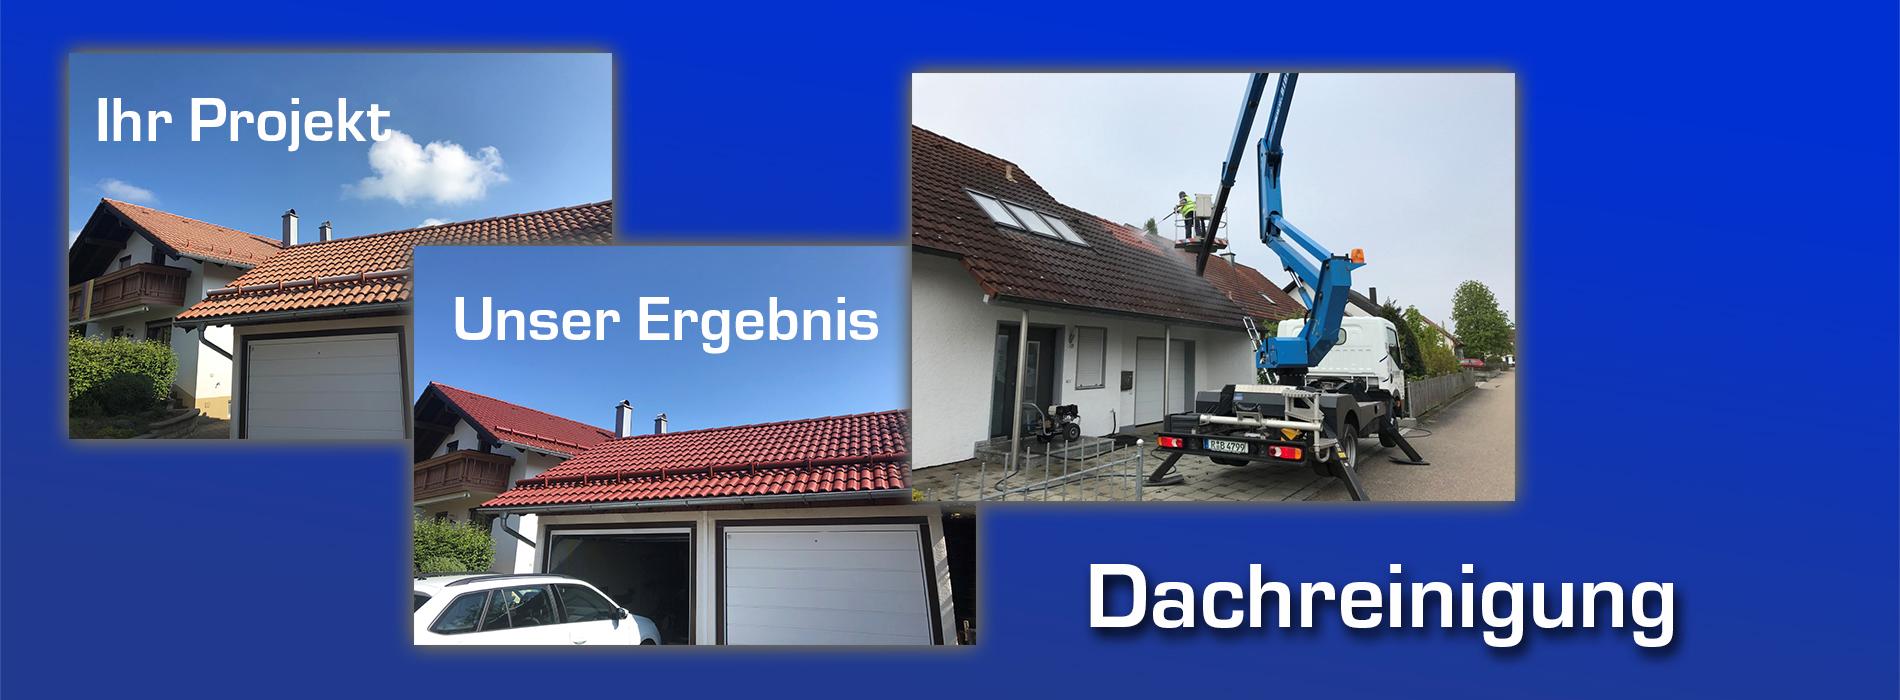 dz-sanierung-header-dachsanierung